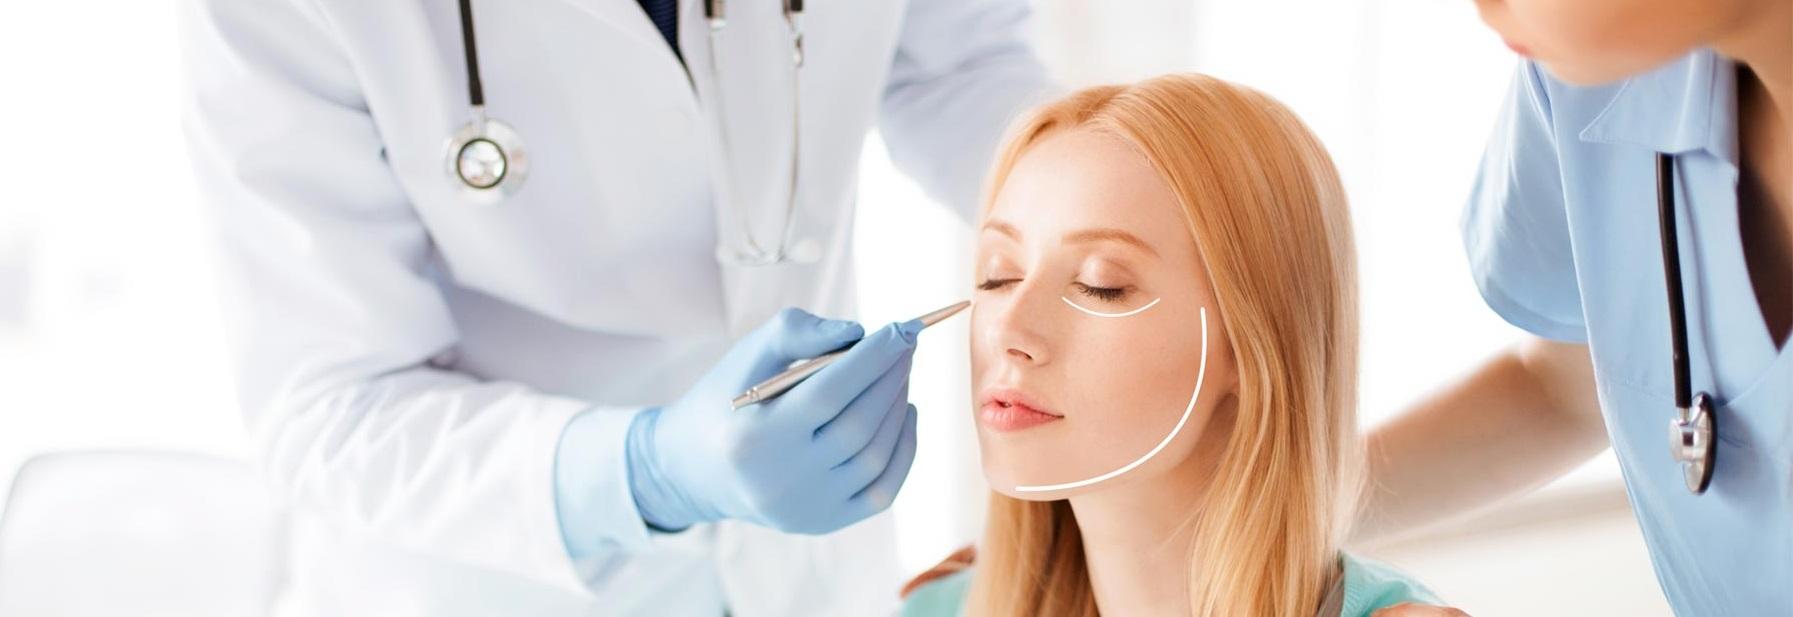 Услуги челюстно-лицевого и пластического хирурга